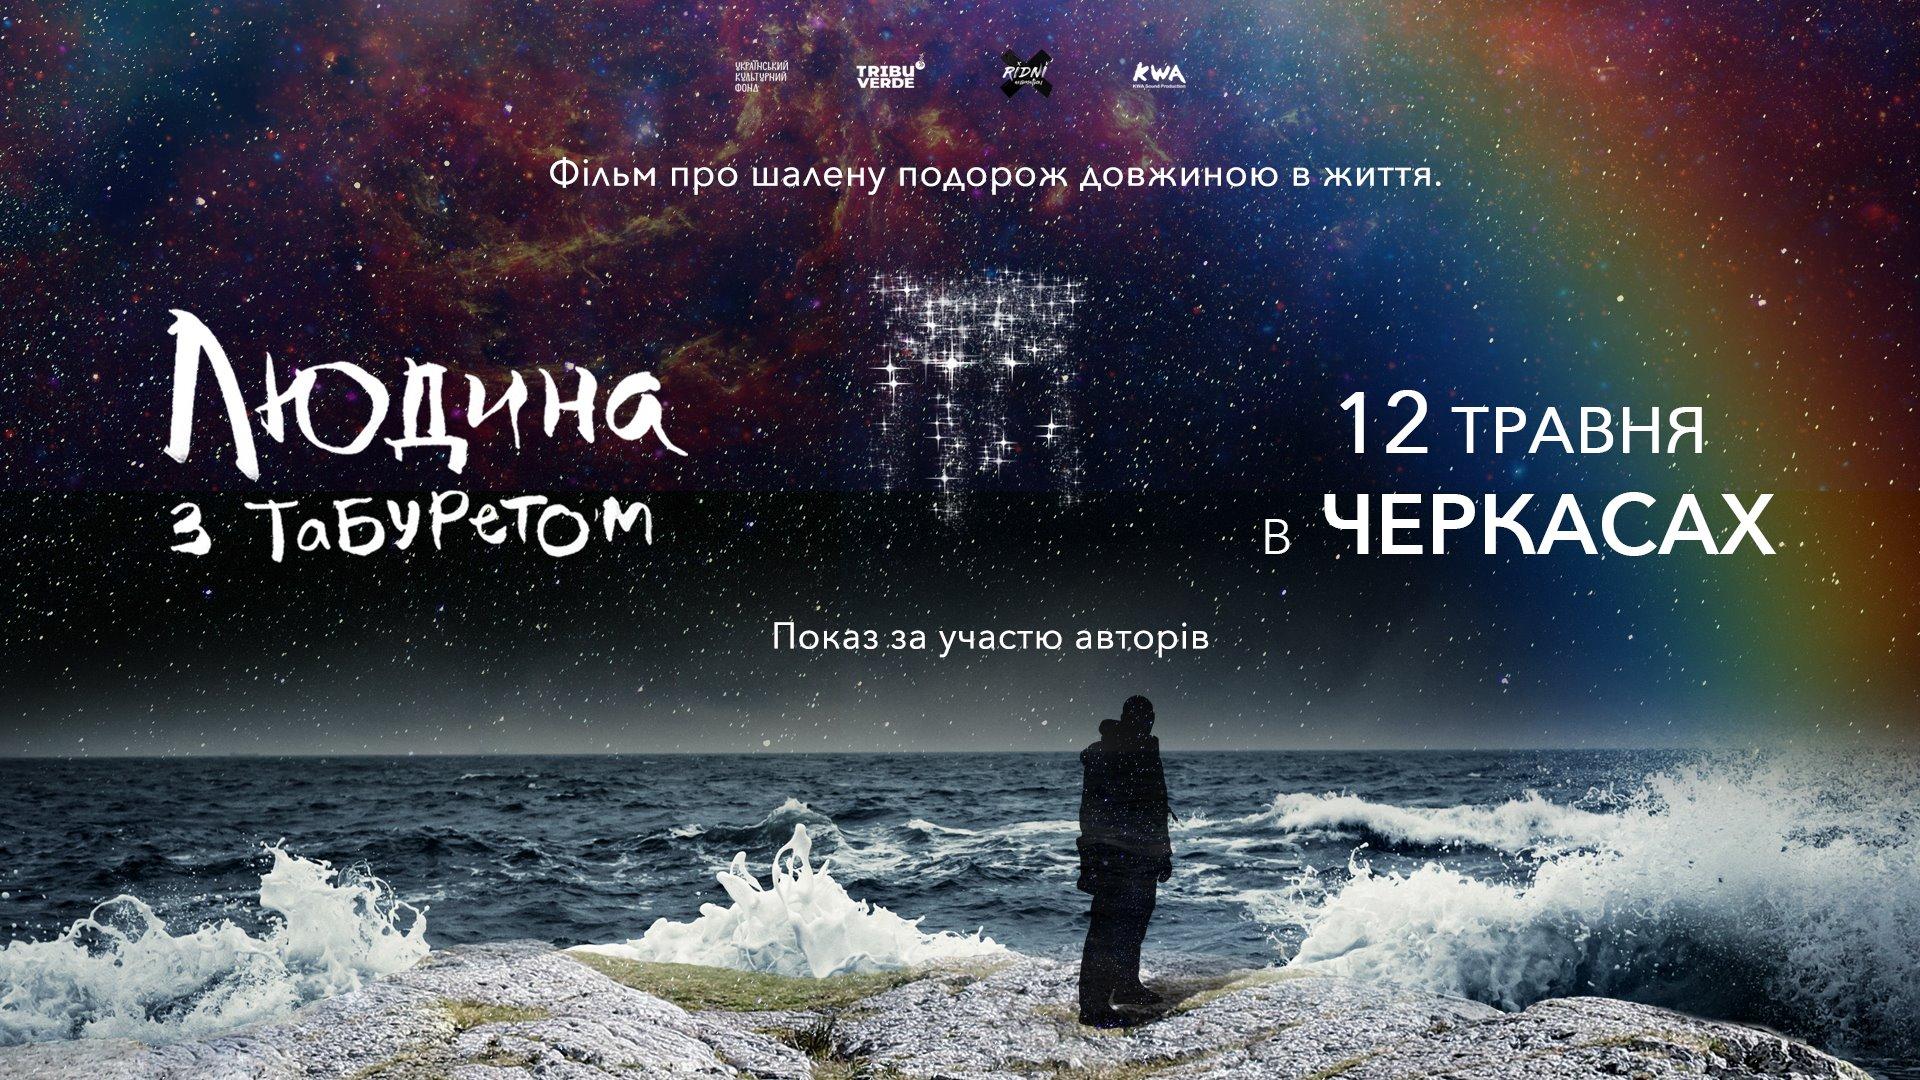 У Черкасах покажуть фільм про відомого українського режисера